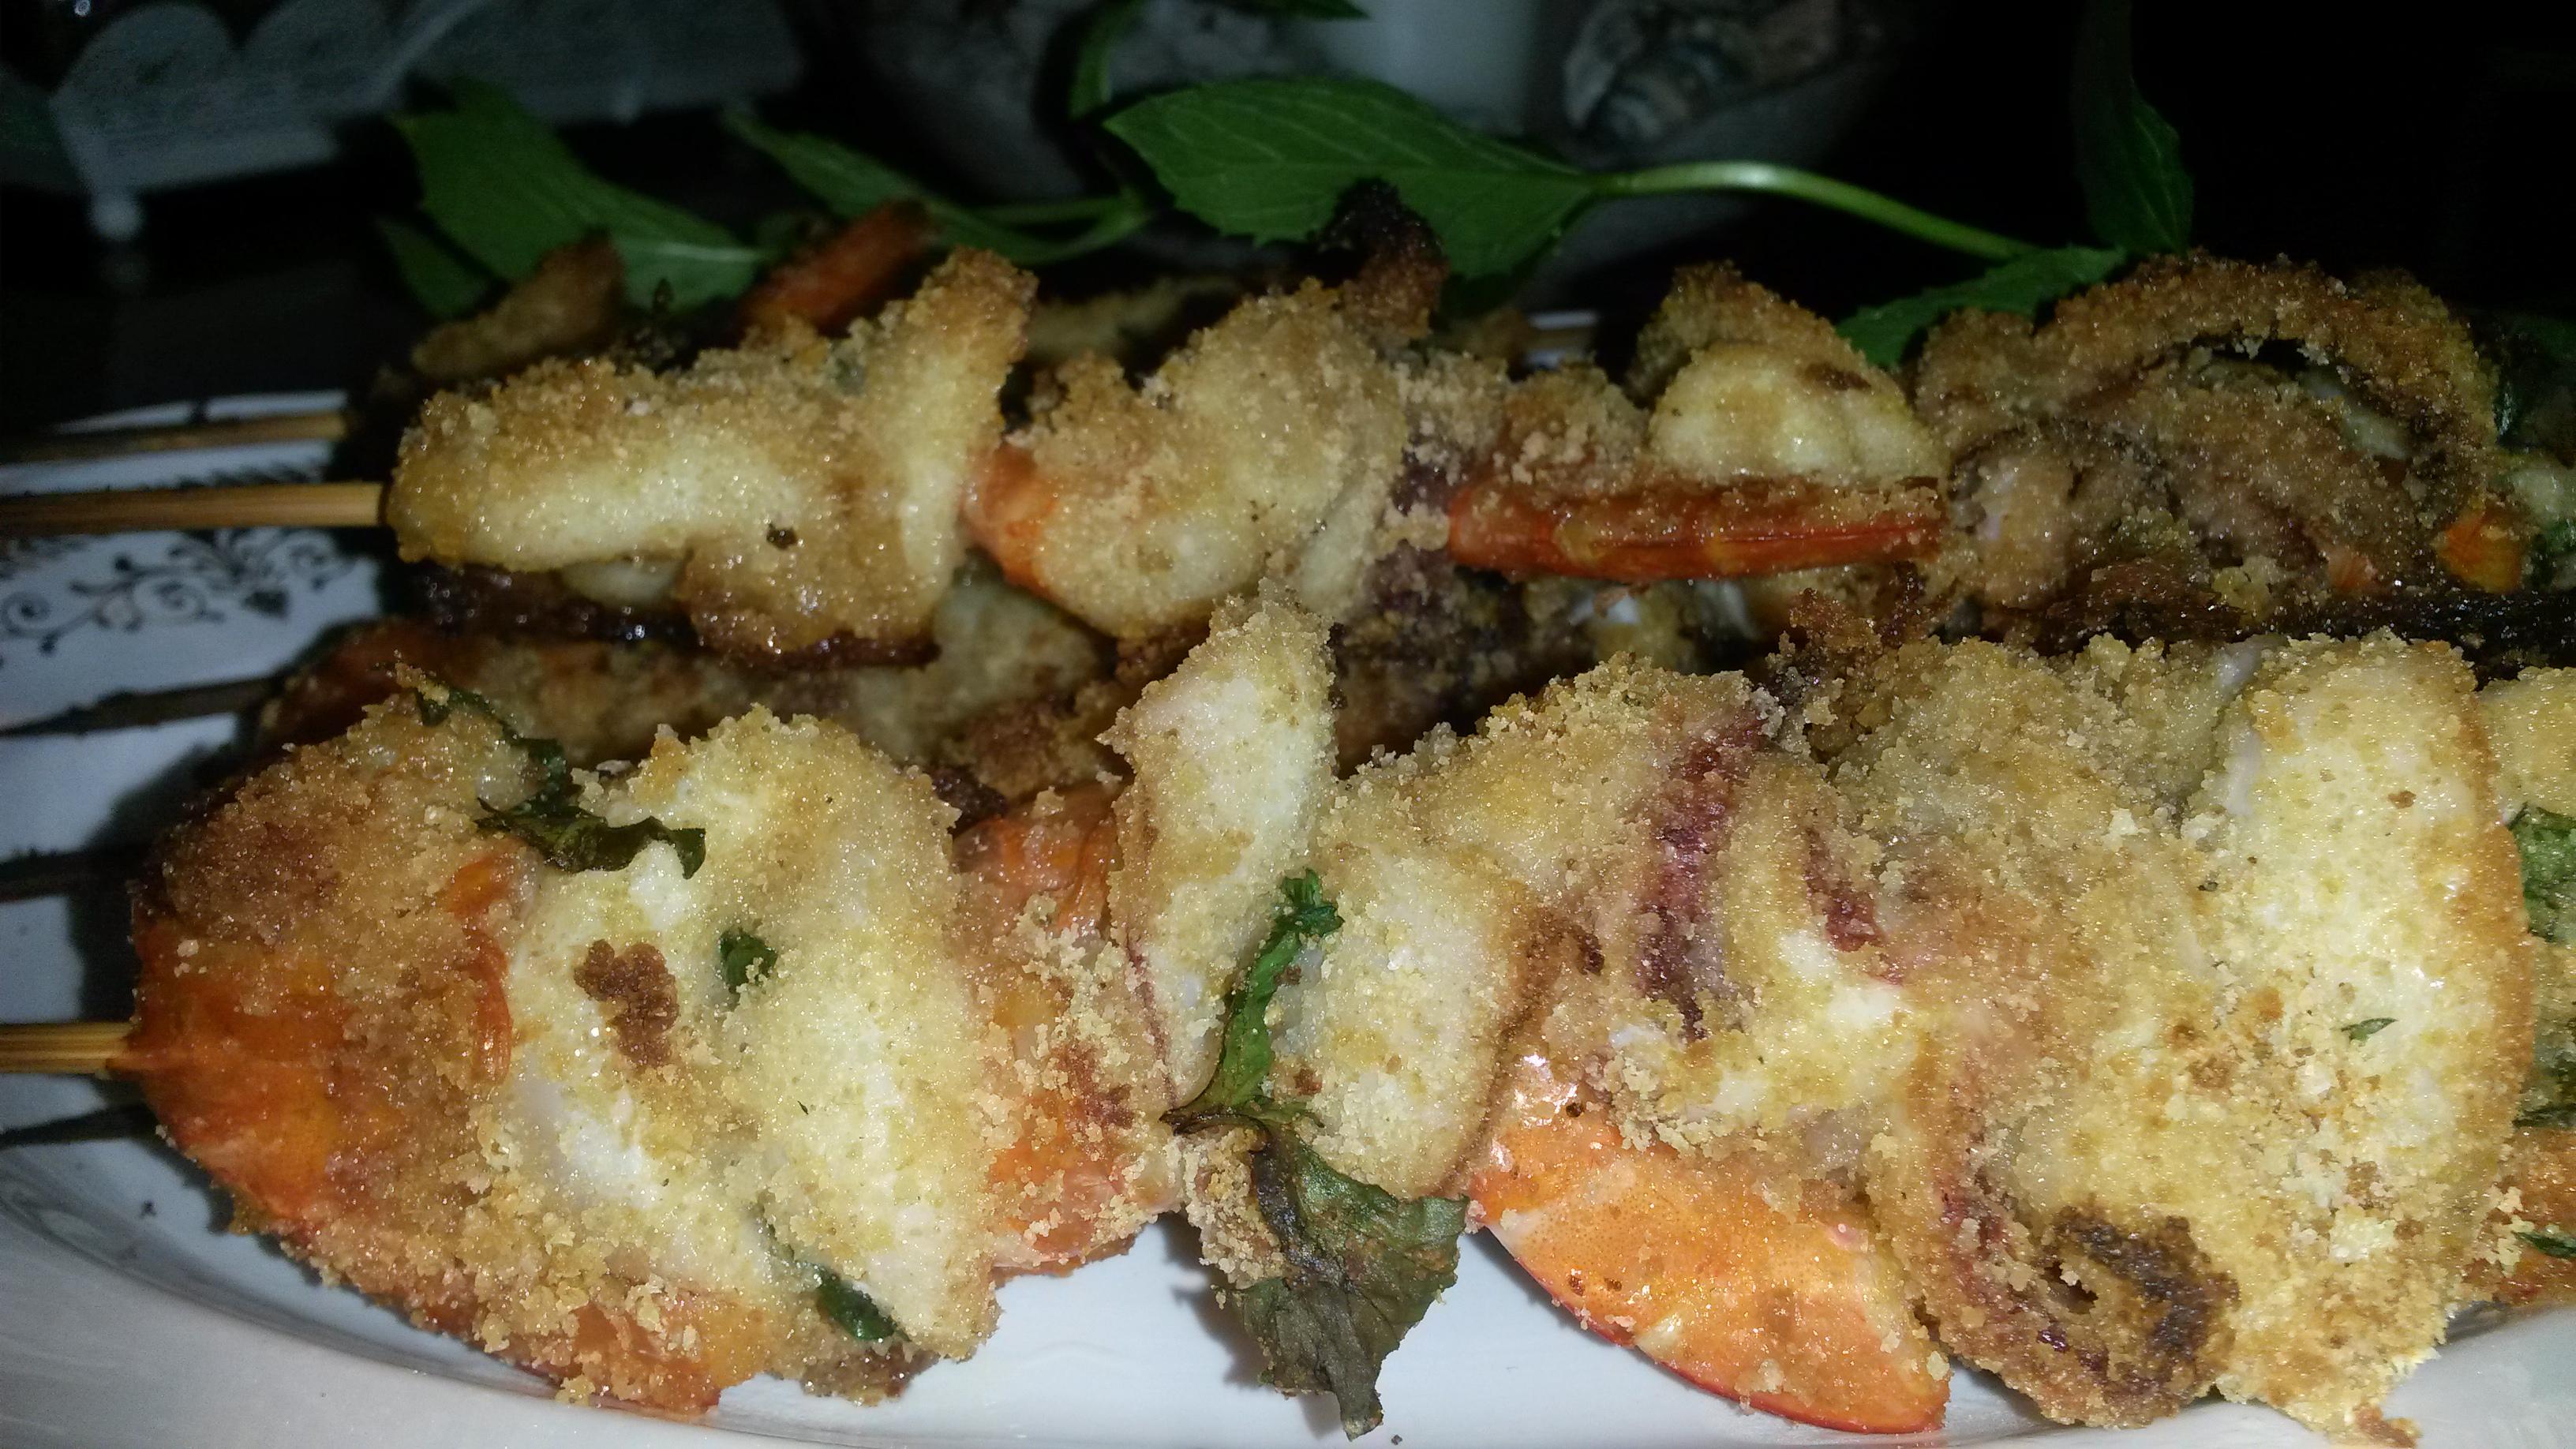 Ricerca ricette con spiedini di pesce gratinati al forno for Spiedini di pesce gratinati